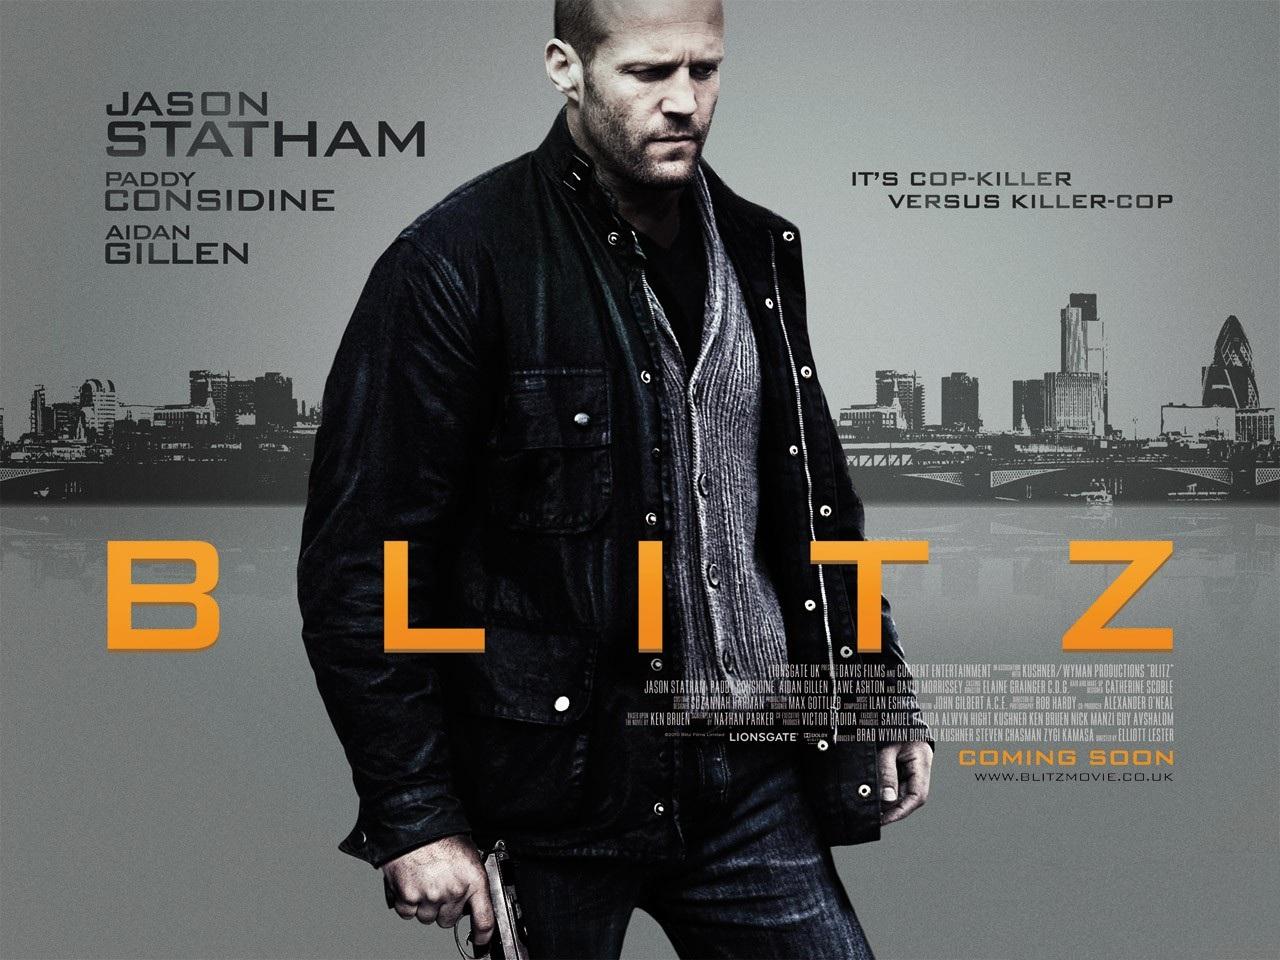 http://1.bp.blogspot.com/-5dv6dg4WQ2E/Tcp_9ANvU6I/AAAAAAAACHA/35DTkS2h1tk/s1600/blitz-poster-statham.jpg